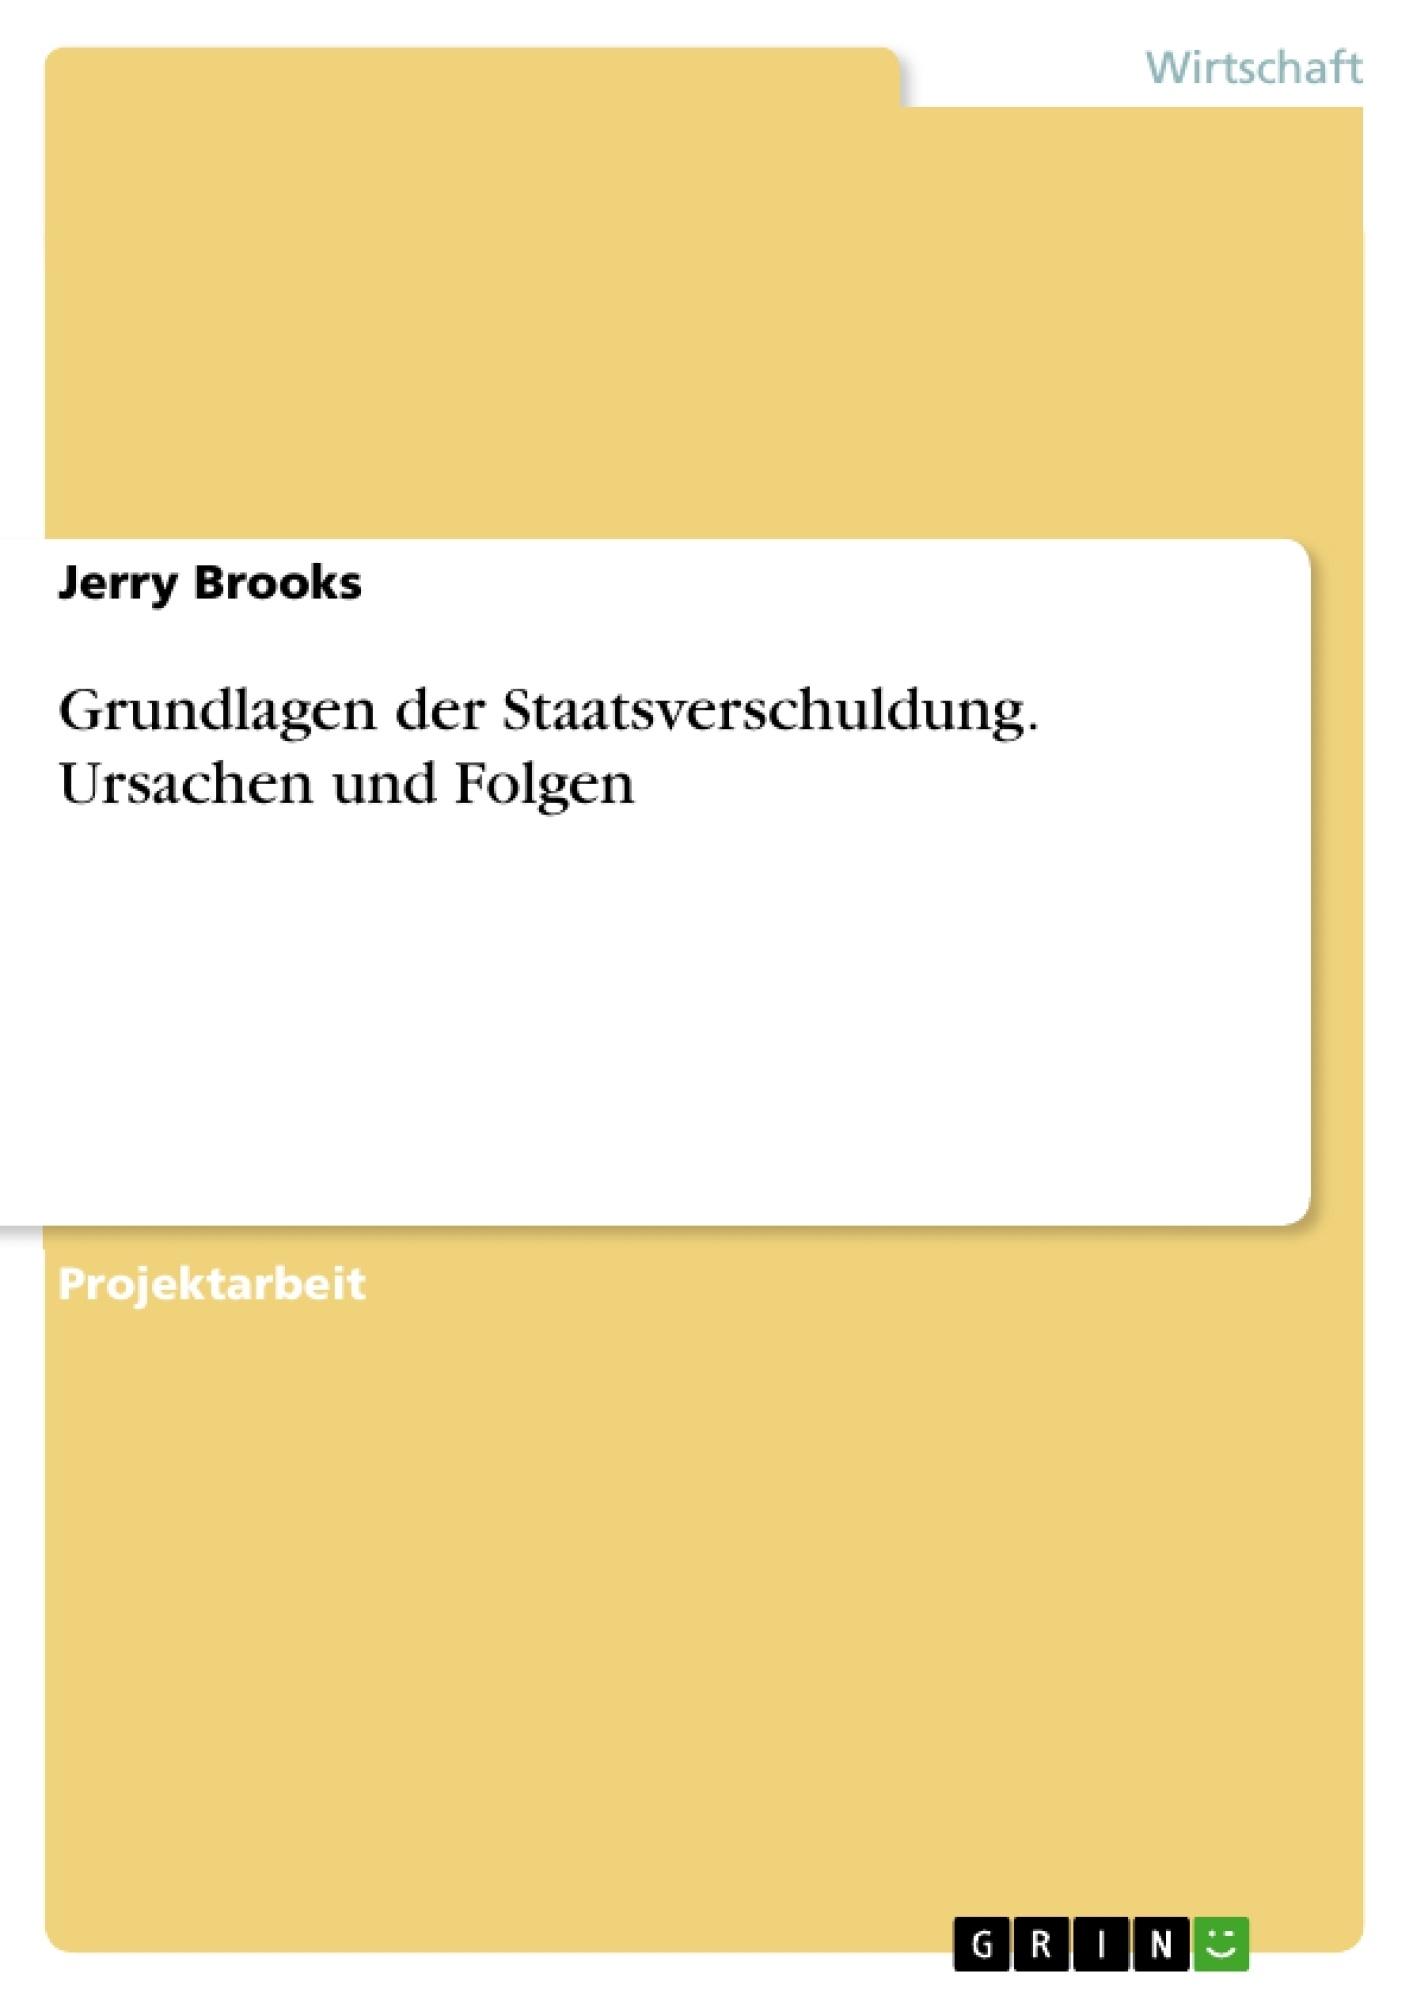 Titel: Grundlagen der Staatsverschuldung. Ursachen und Folgen